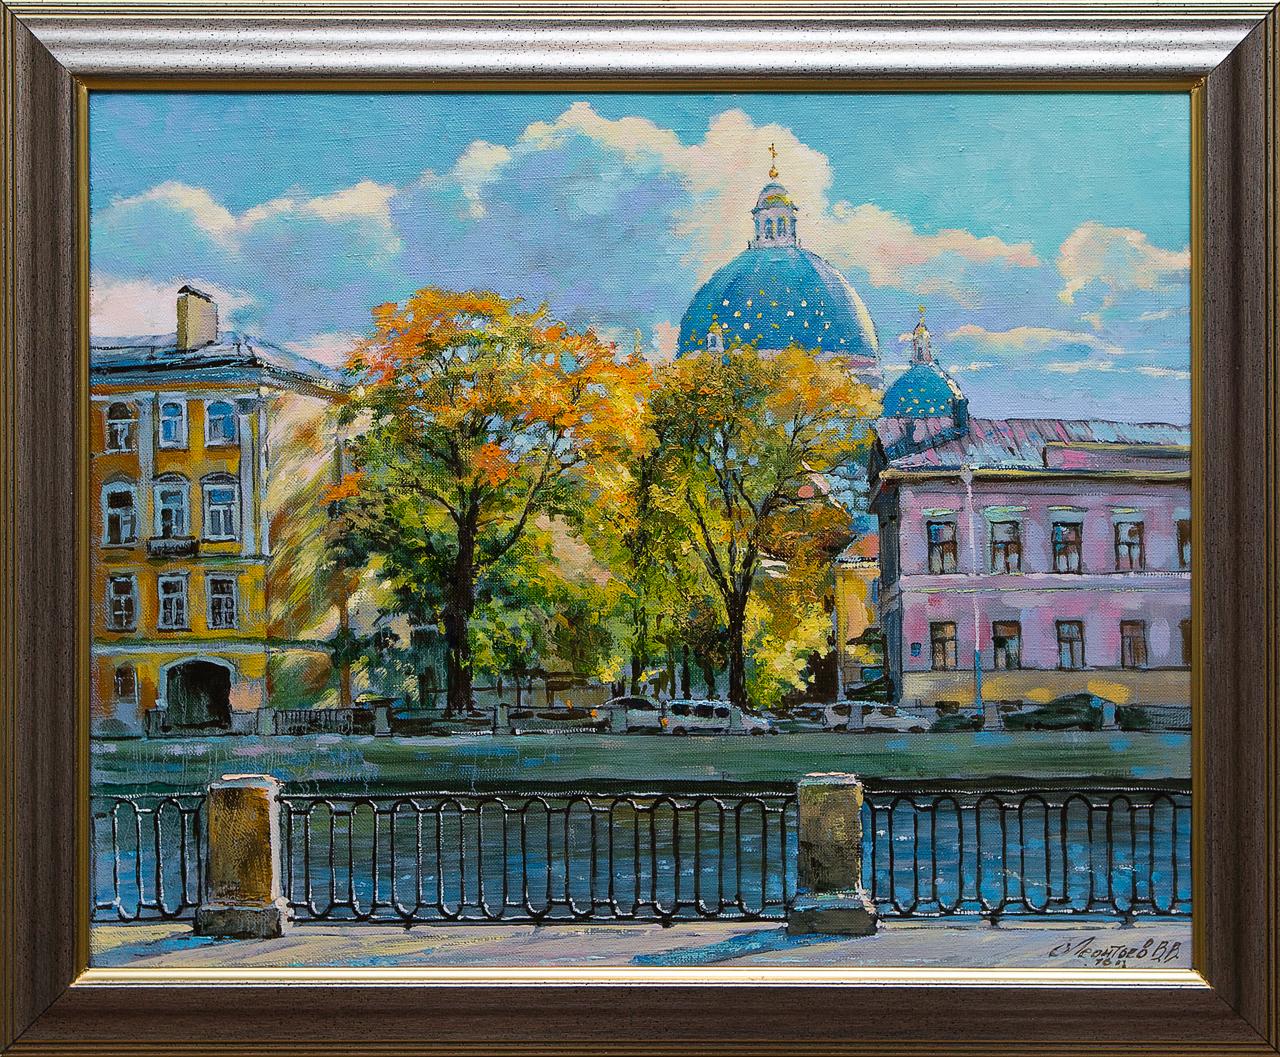 Картина маслом Троицкий собор со стороны Фонтанки Леонтьев картина маслом вид на троицкий собор новицкий